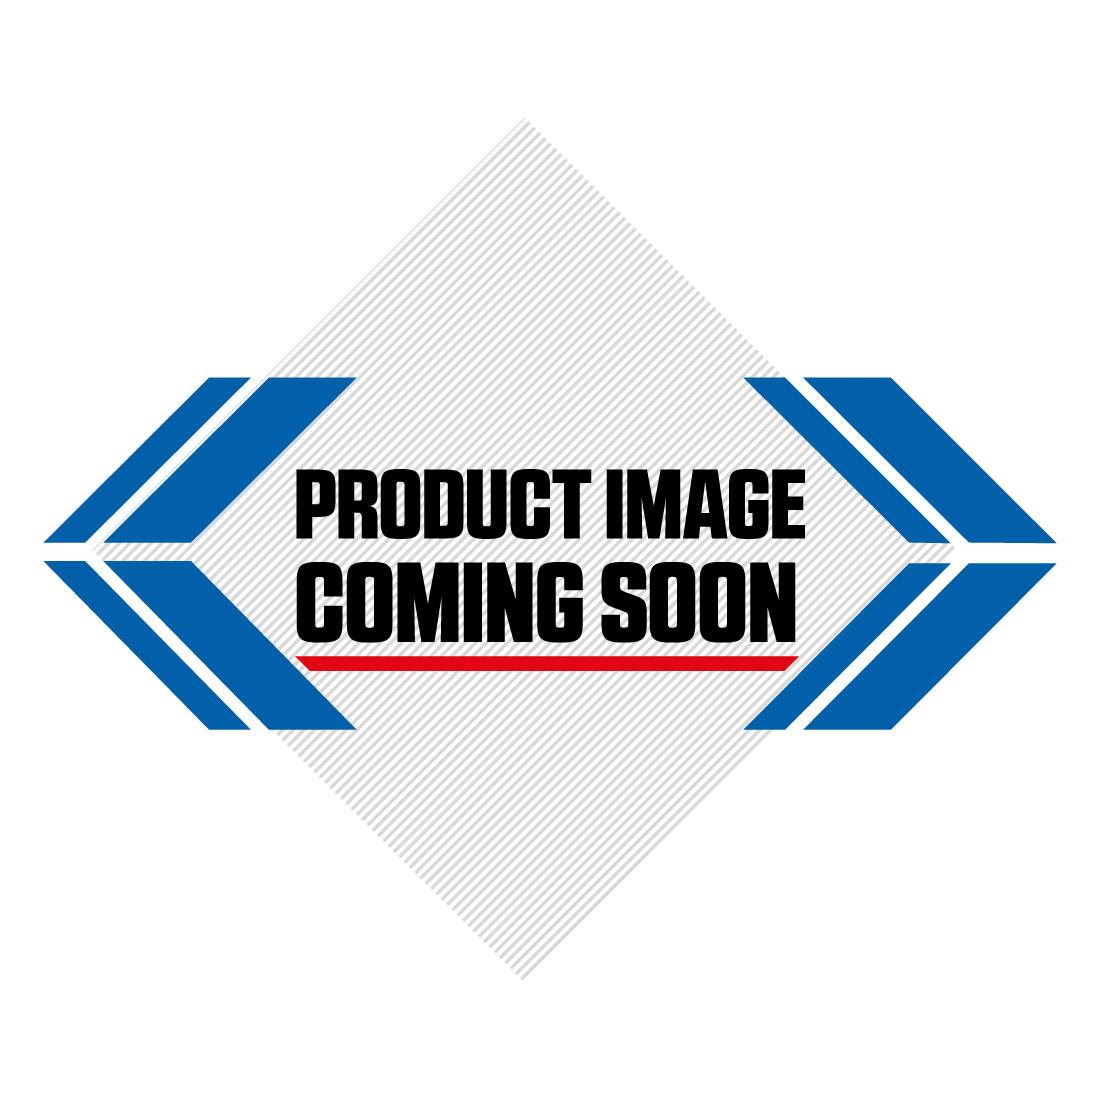 UFO KTM Plastic Kit OEM Factory (2017) Image-1>